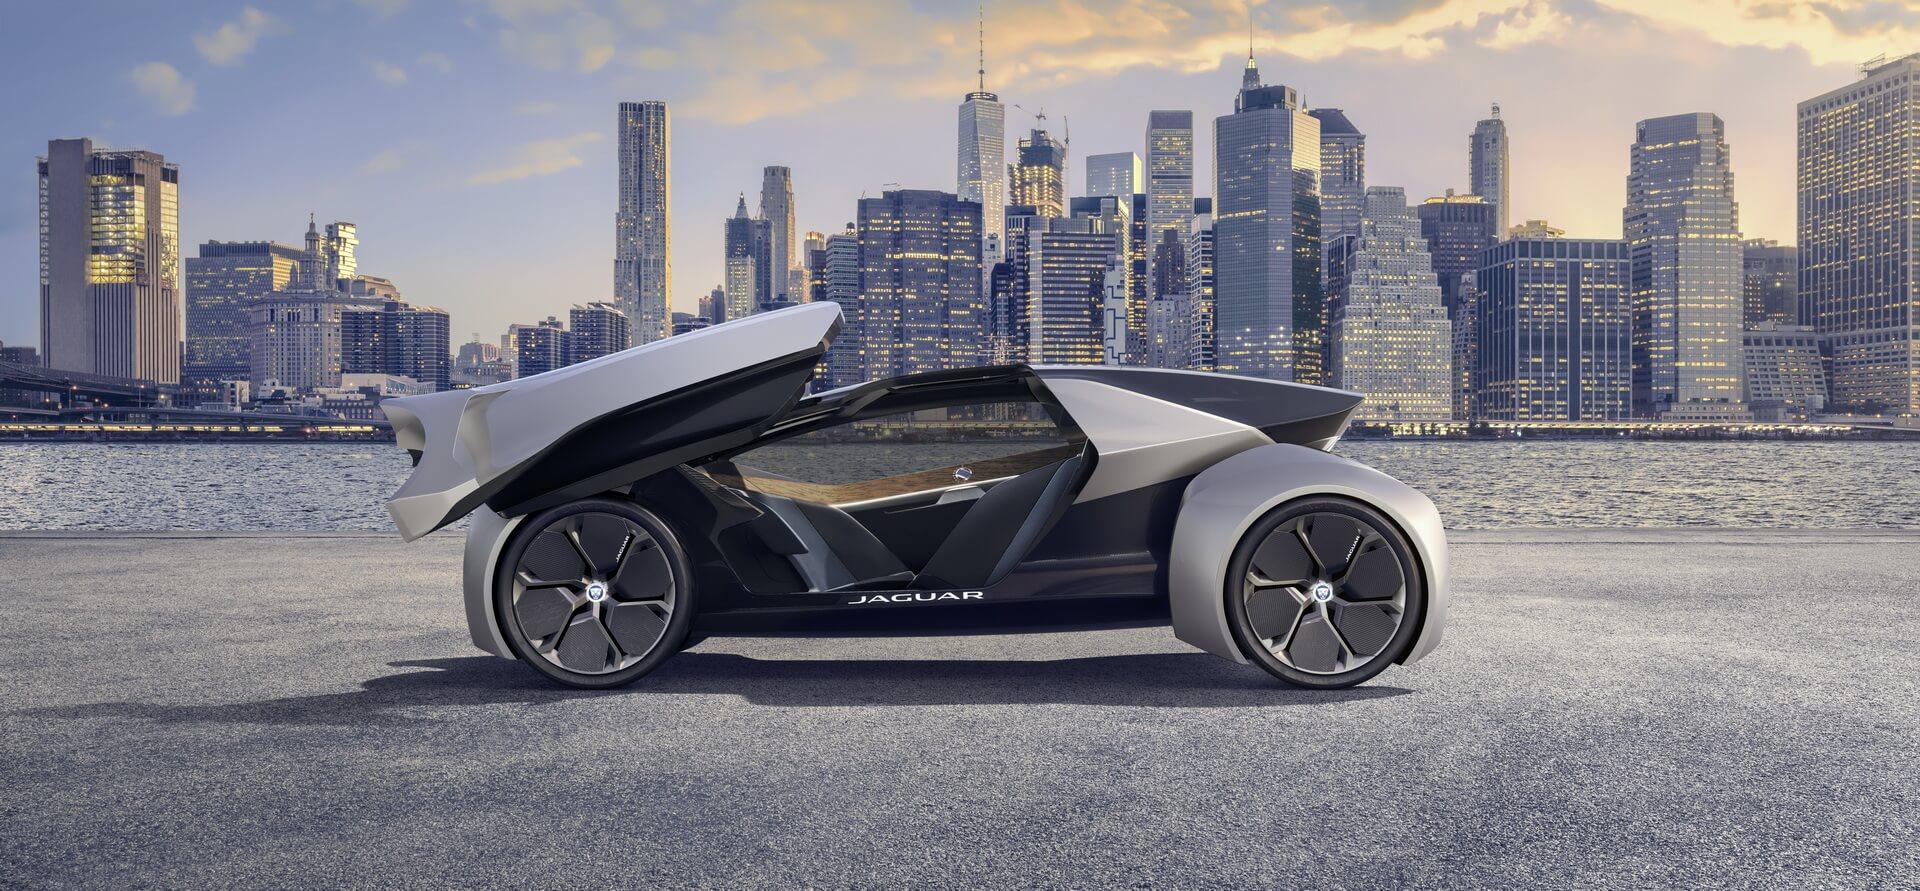 Концепция полностью автономного электромобиля будущего Jaguar Future-Type Concept